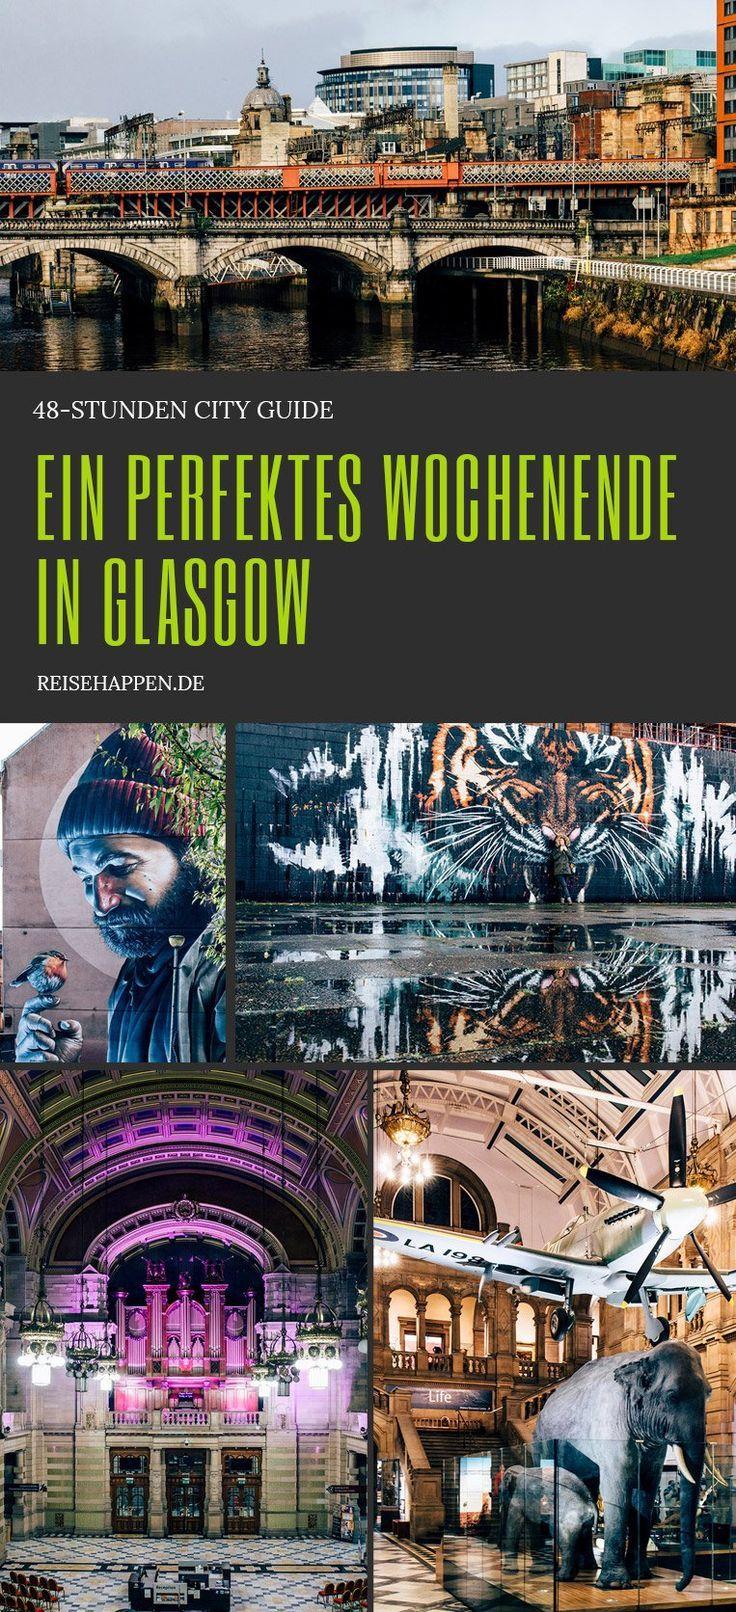 Glasgow in 48-Stunden: City Guide für ein perfektes Wochenende